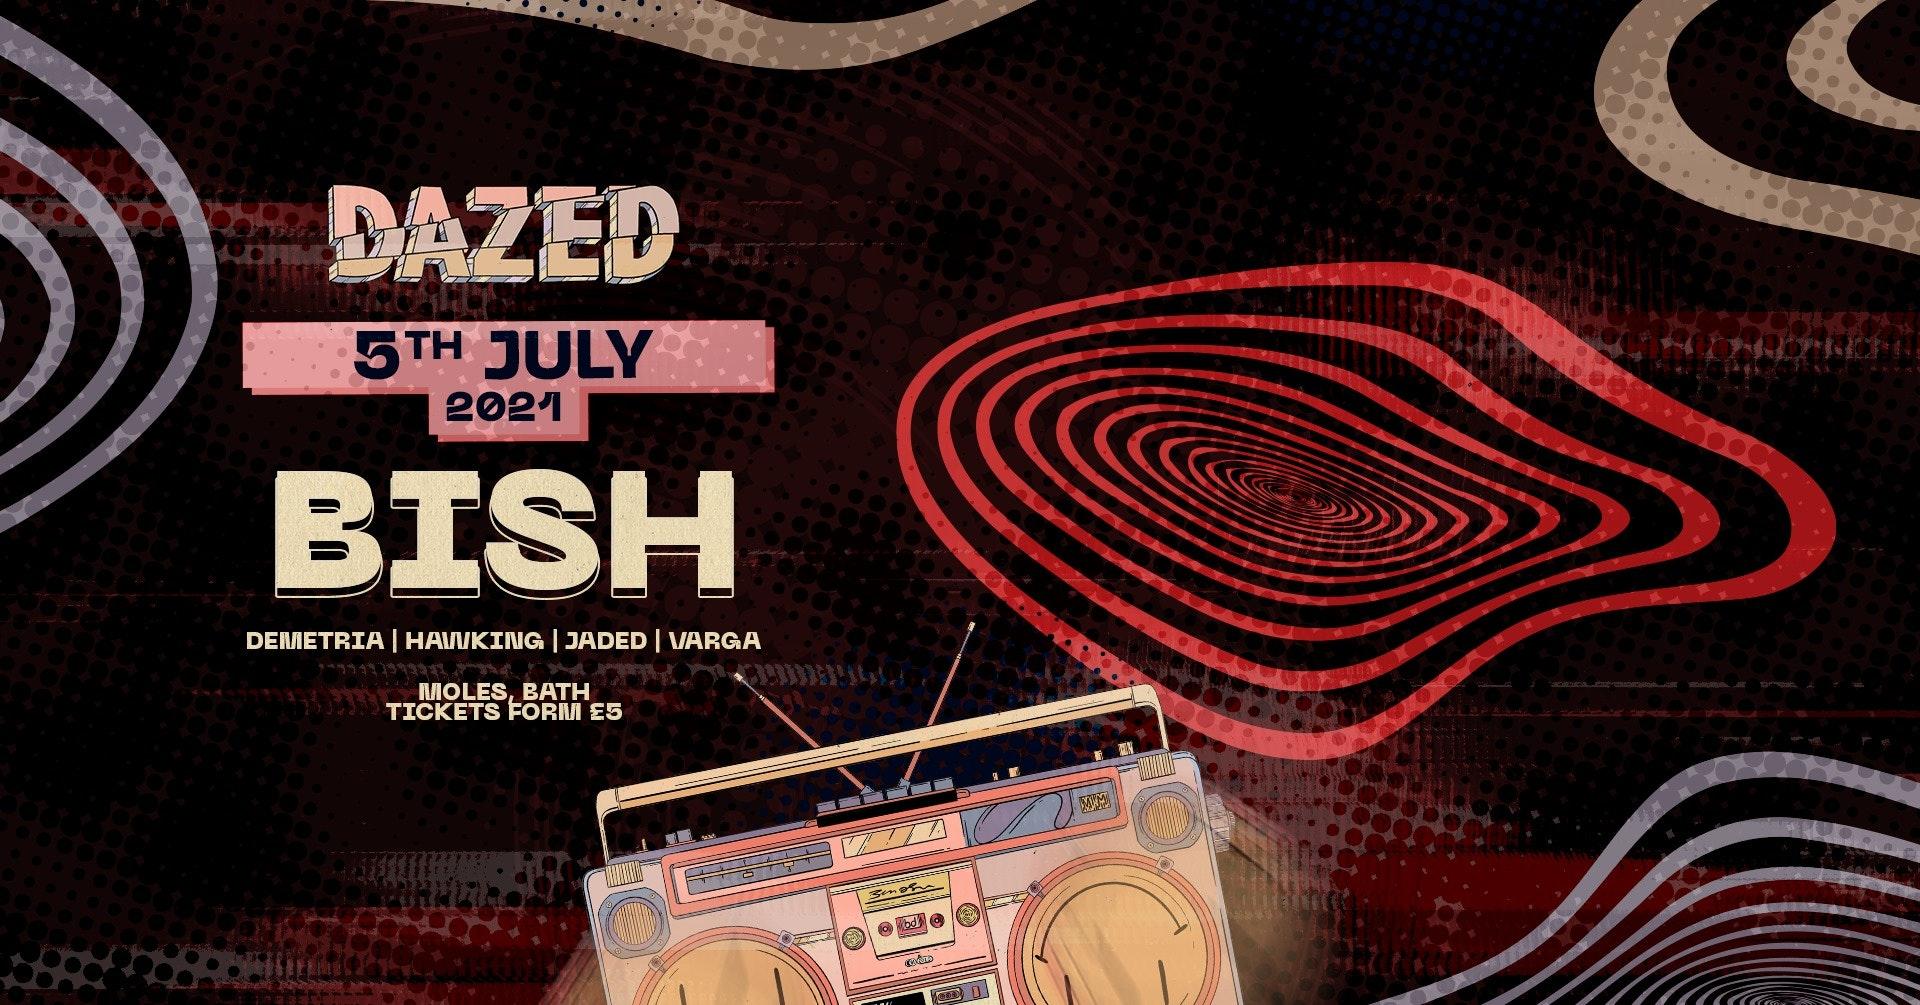 Dazed Bath: DnB Summer Series ft. Bish